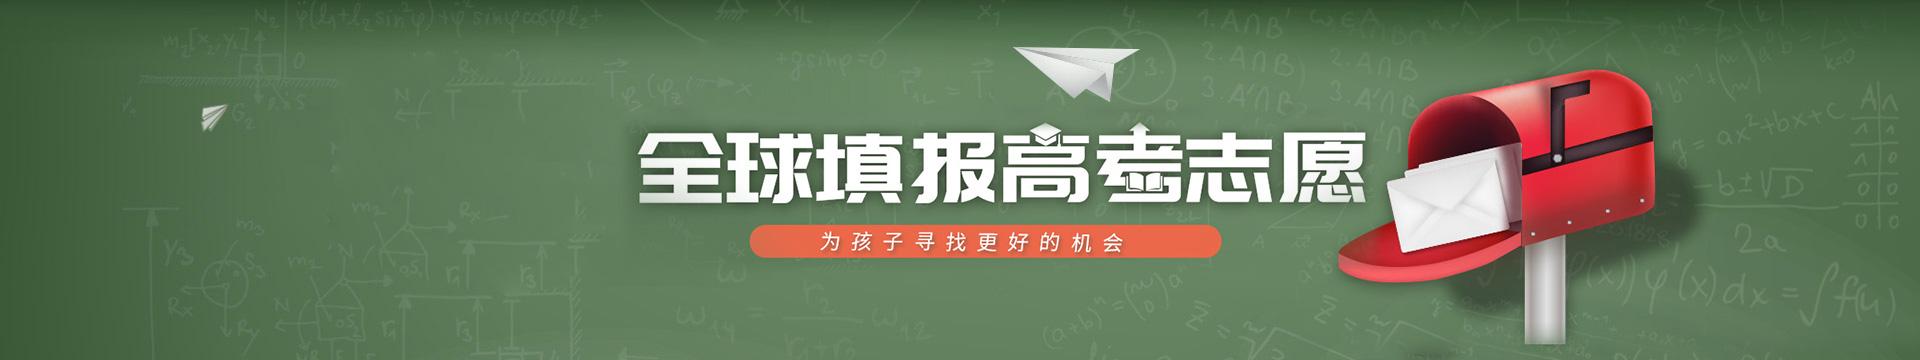 北京培训机构